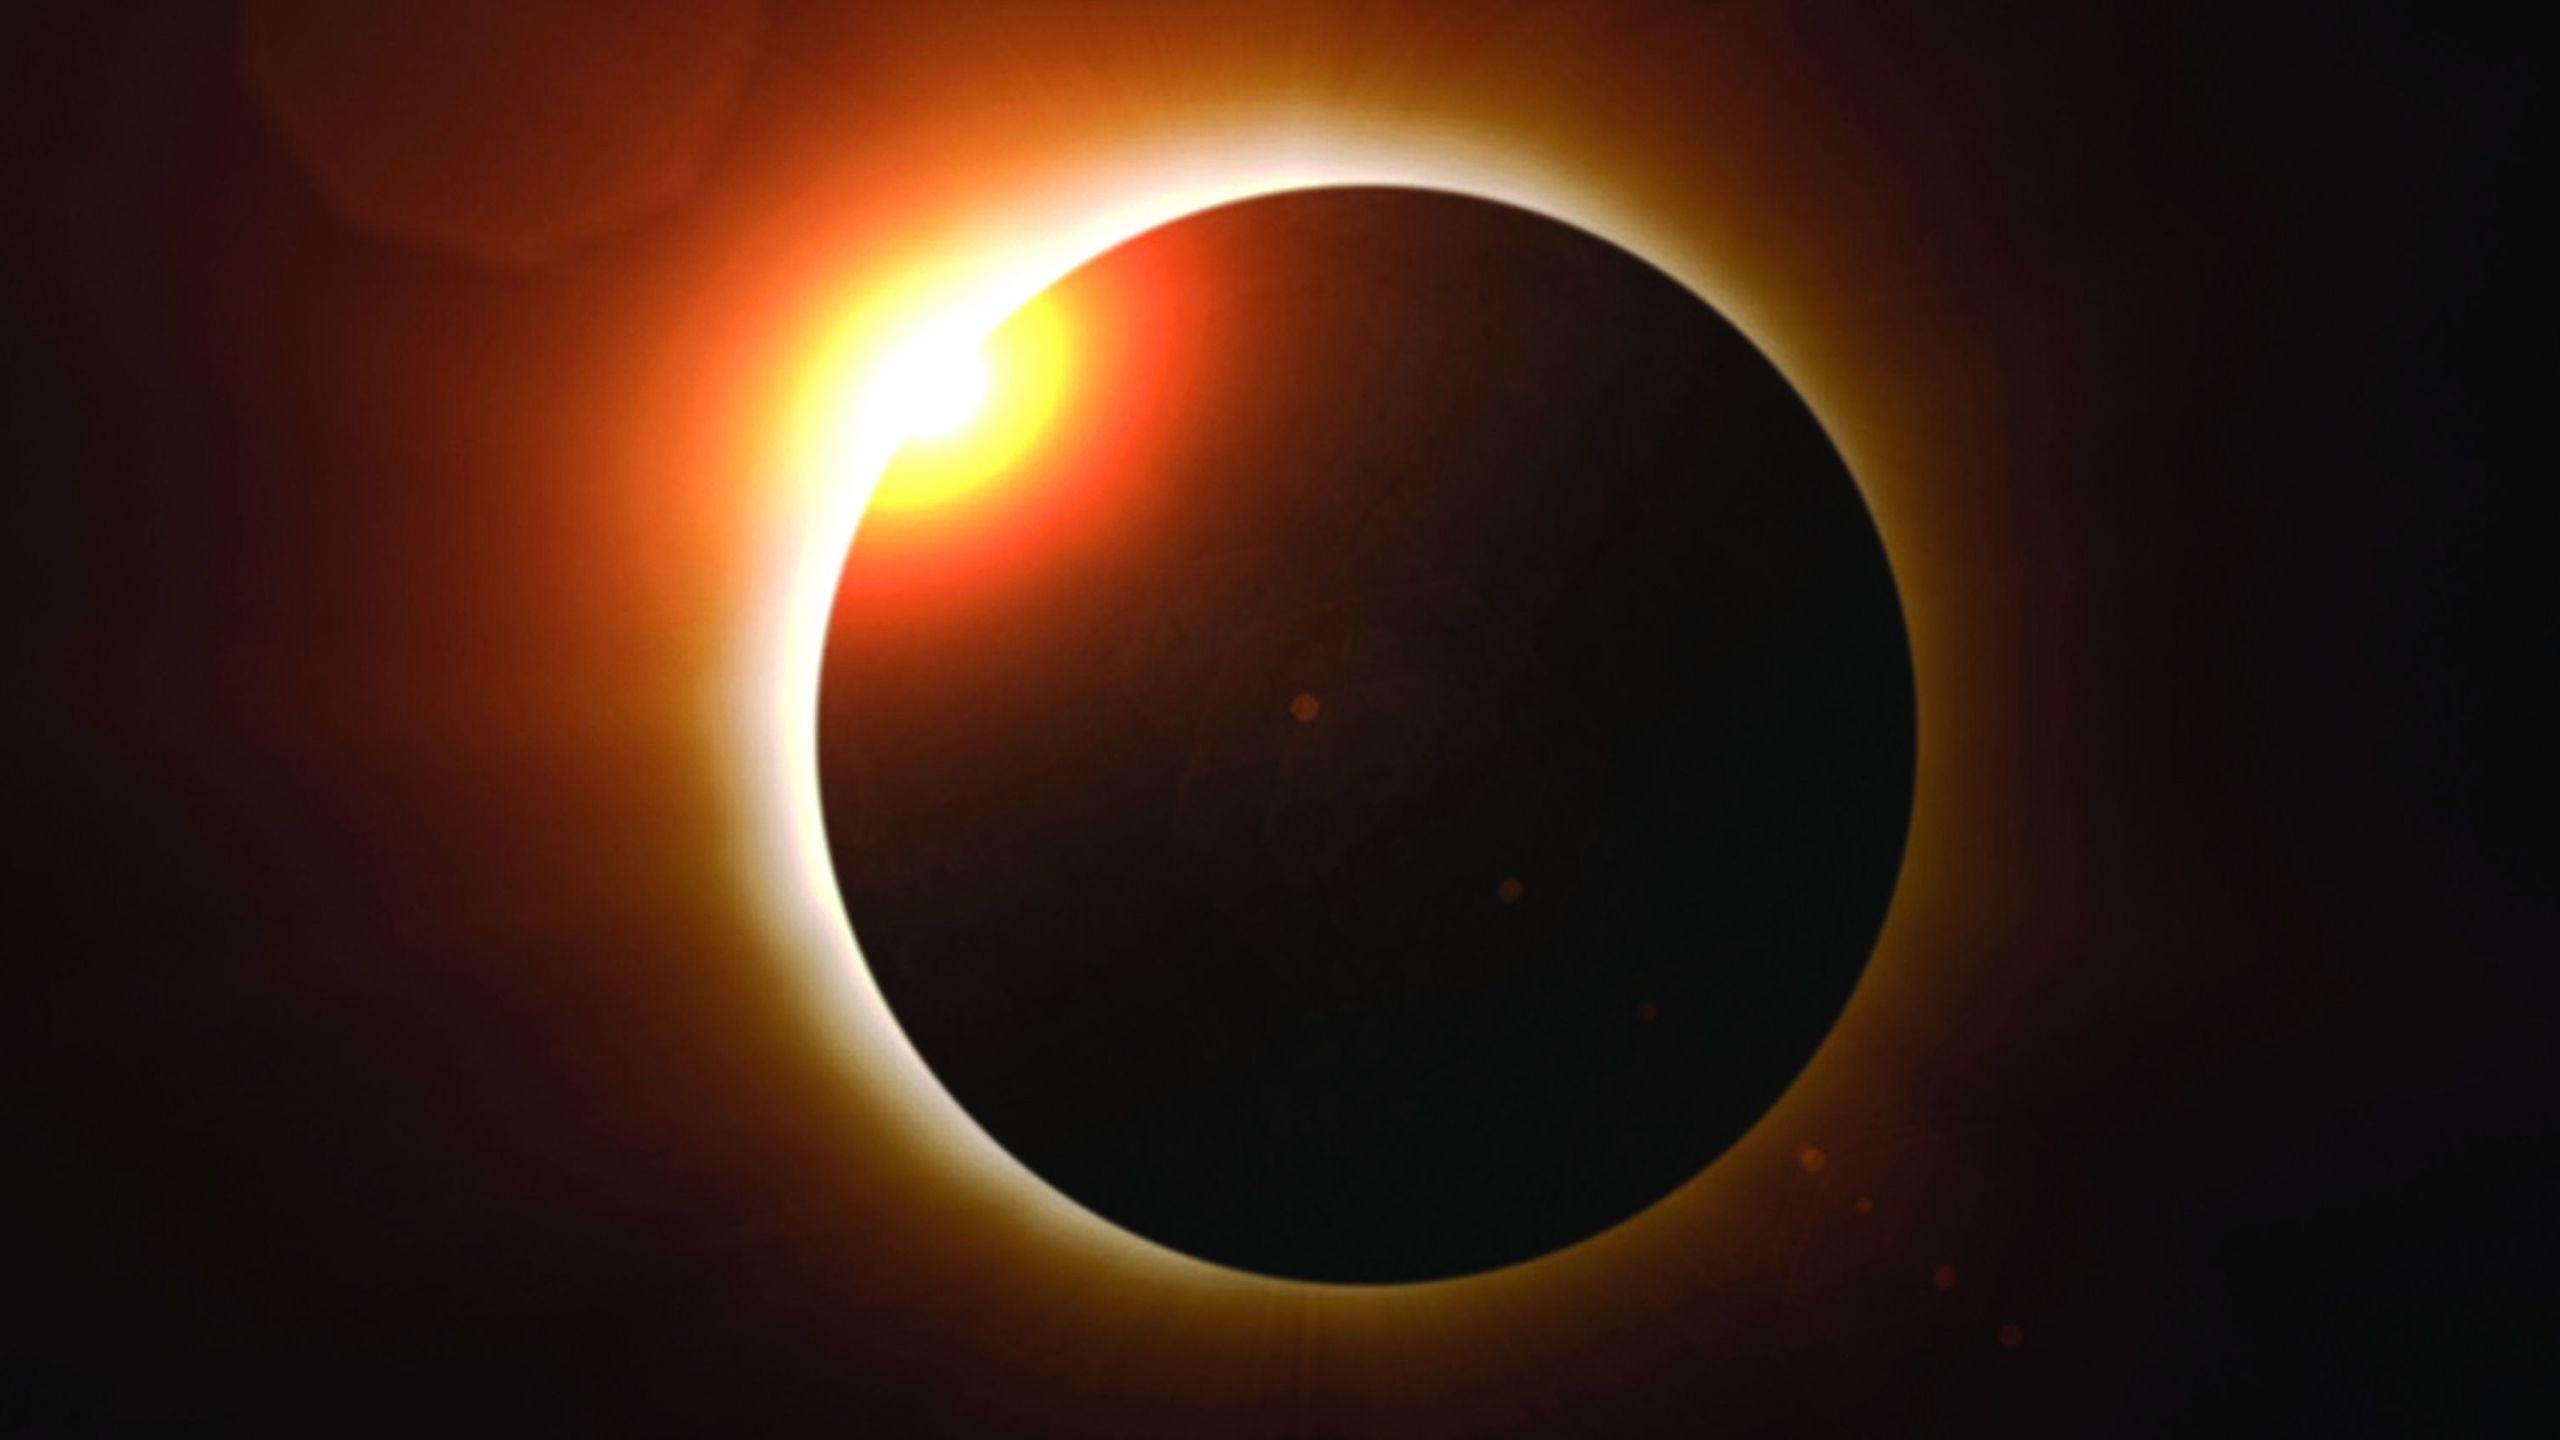 eclipse_426447